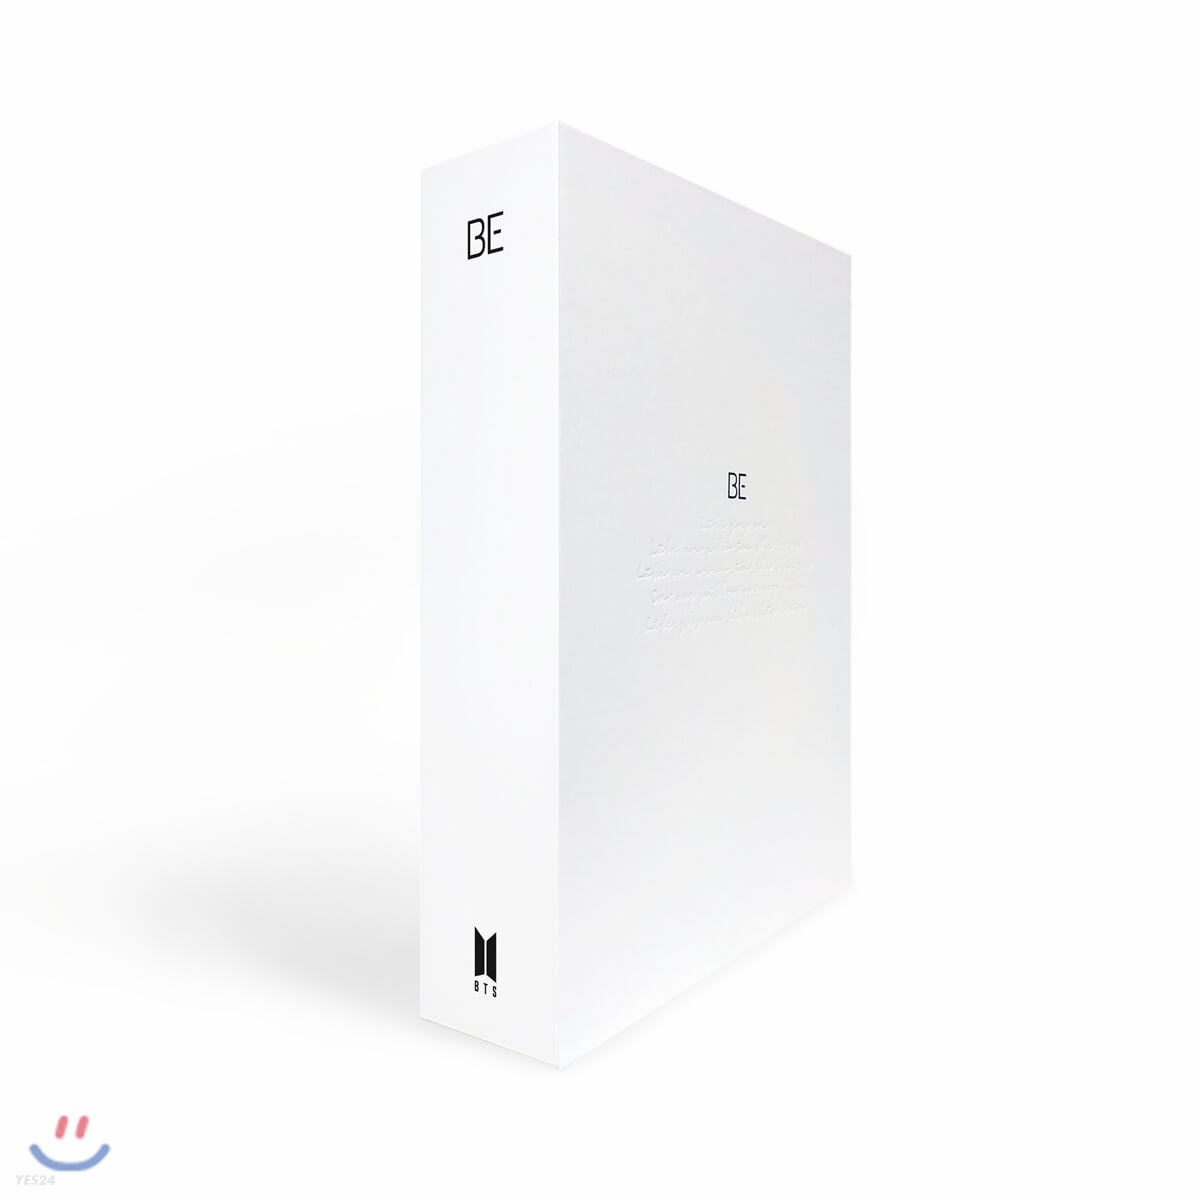 방탄소년단 (BTS) - BE (Deluxe Edition)